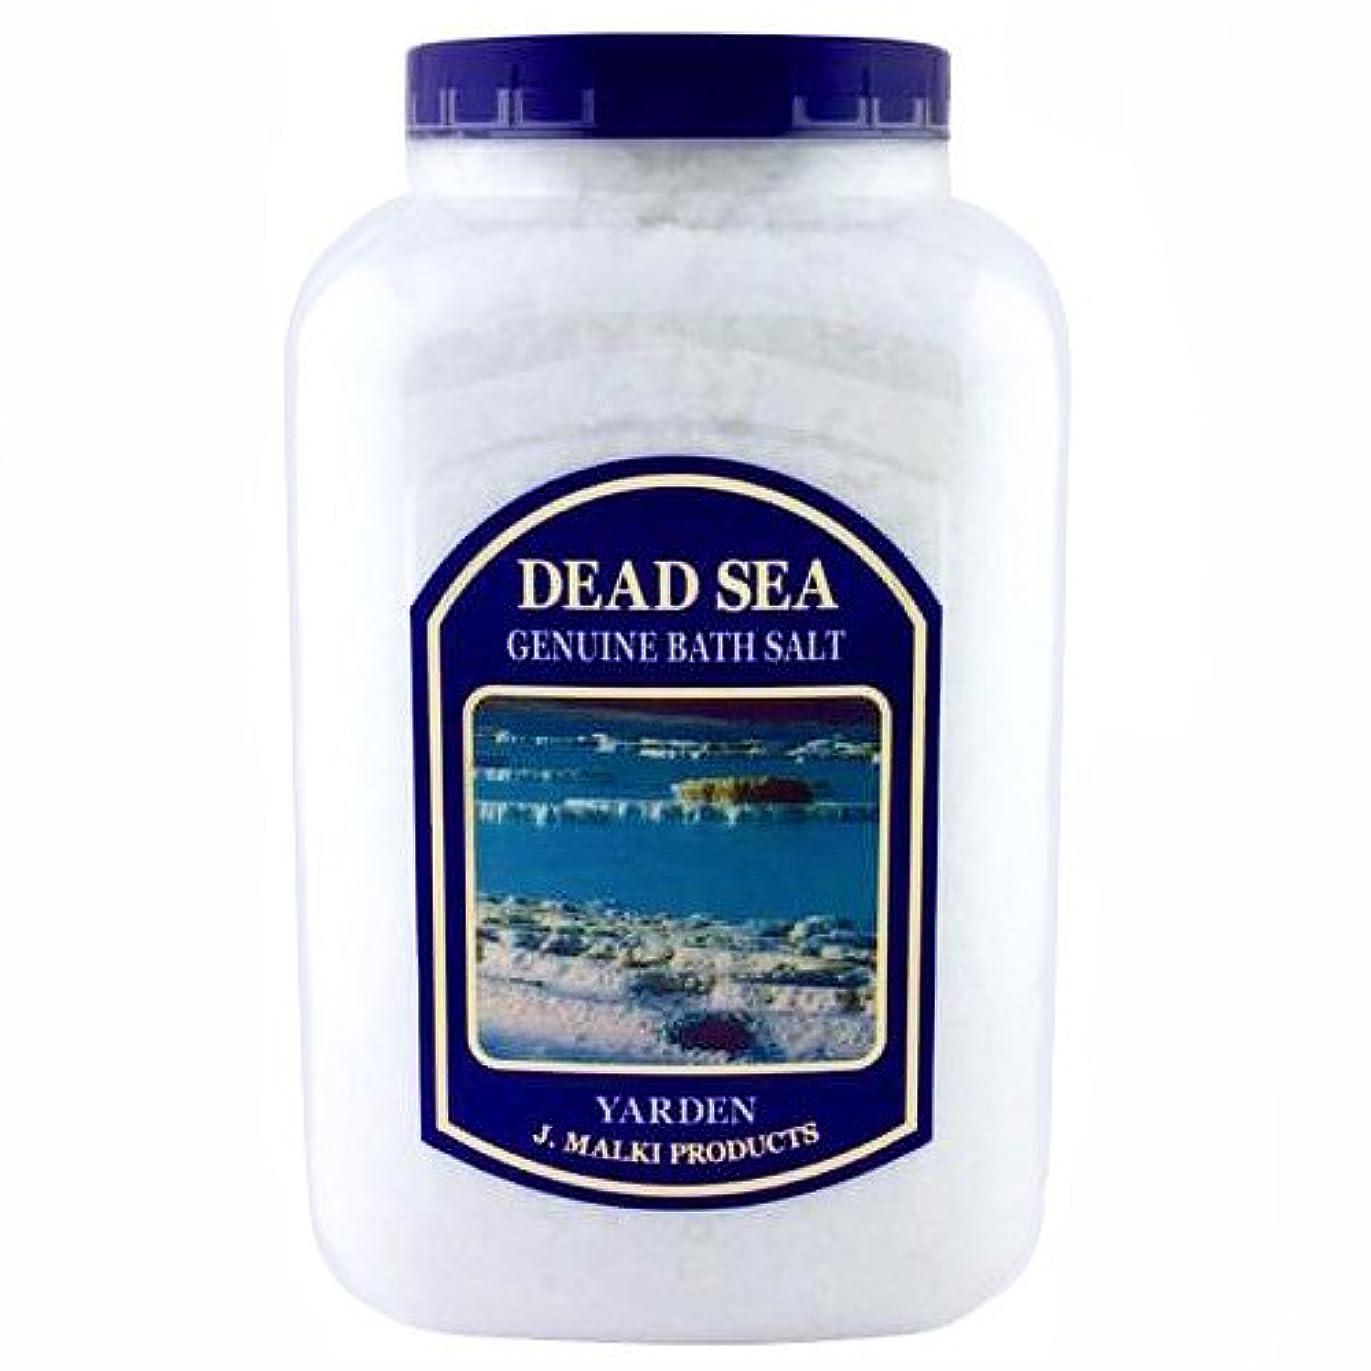 引き算請求書高度なデッドシー?バスソルト 4.5kg(約45回分)【DEAD SEA BATH SALT】死海の塩/入浴剤(入浴用化粧品)【正規販売店】